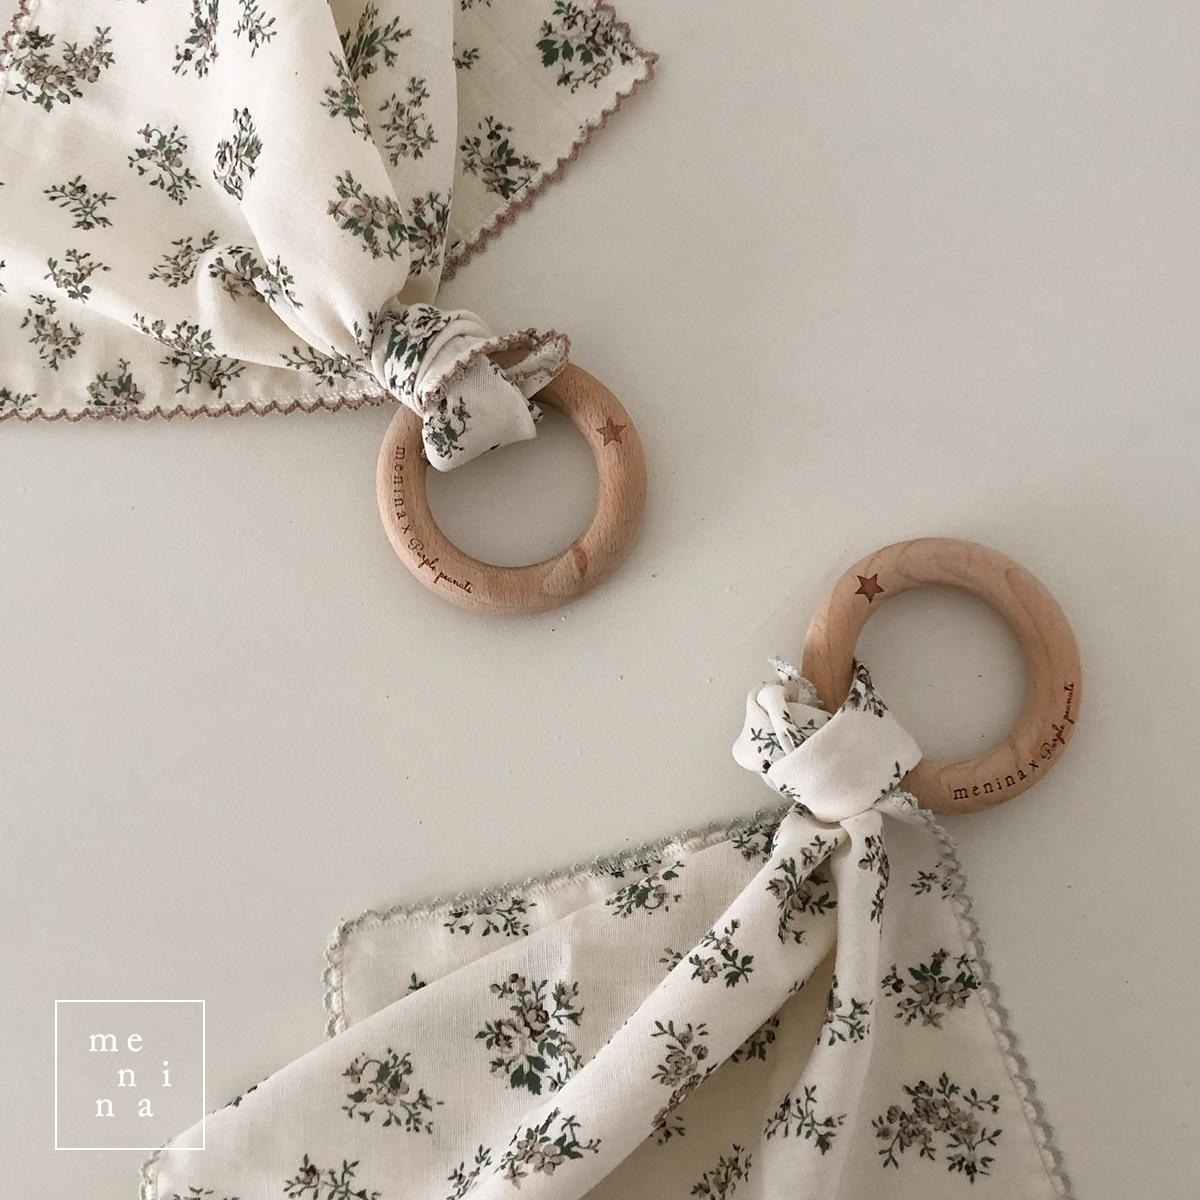 歯固めリング&flowersハンカチセット